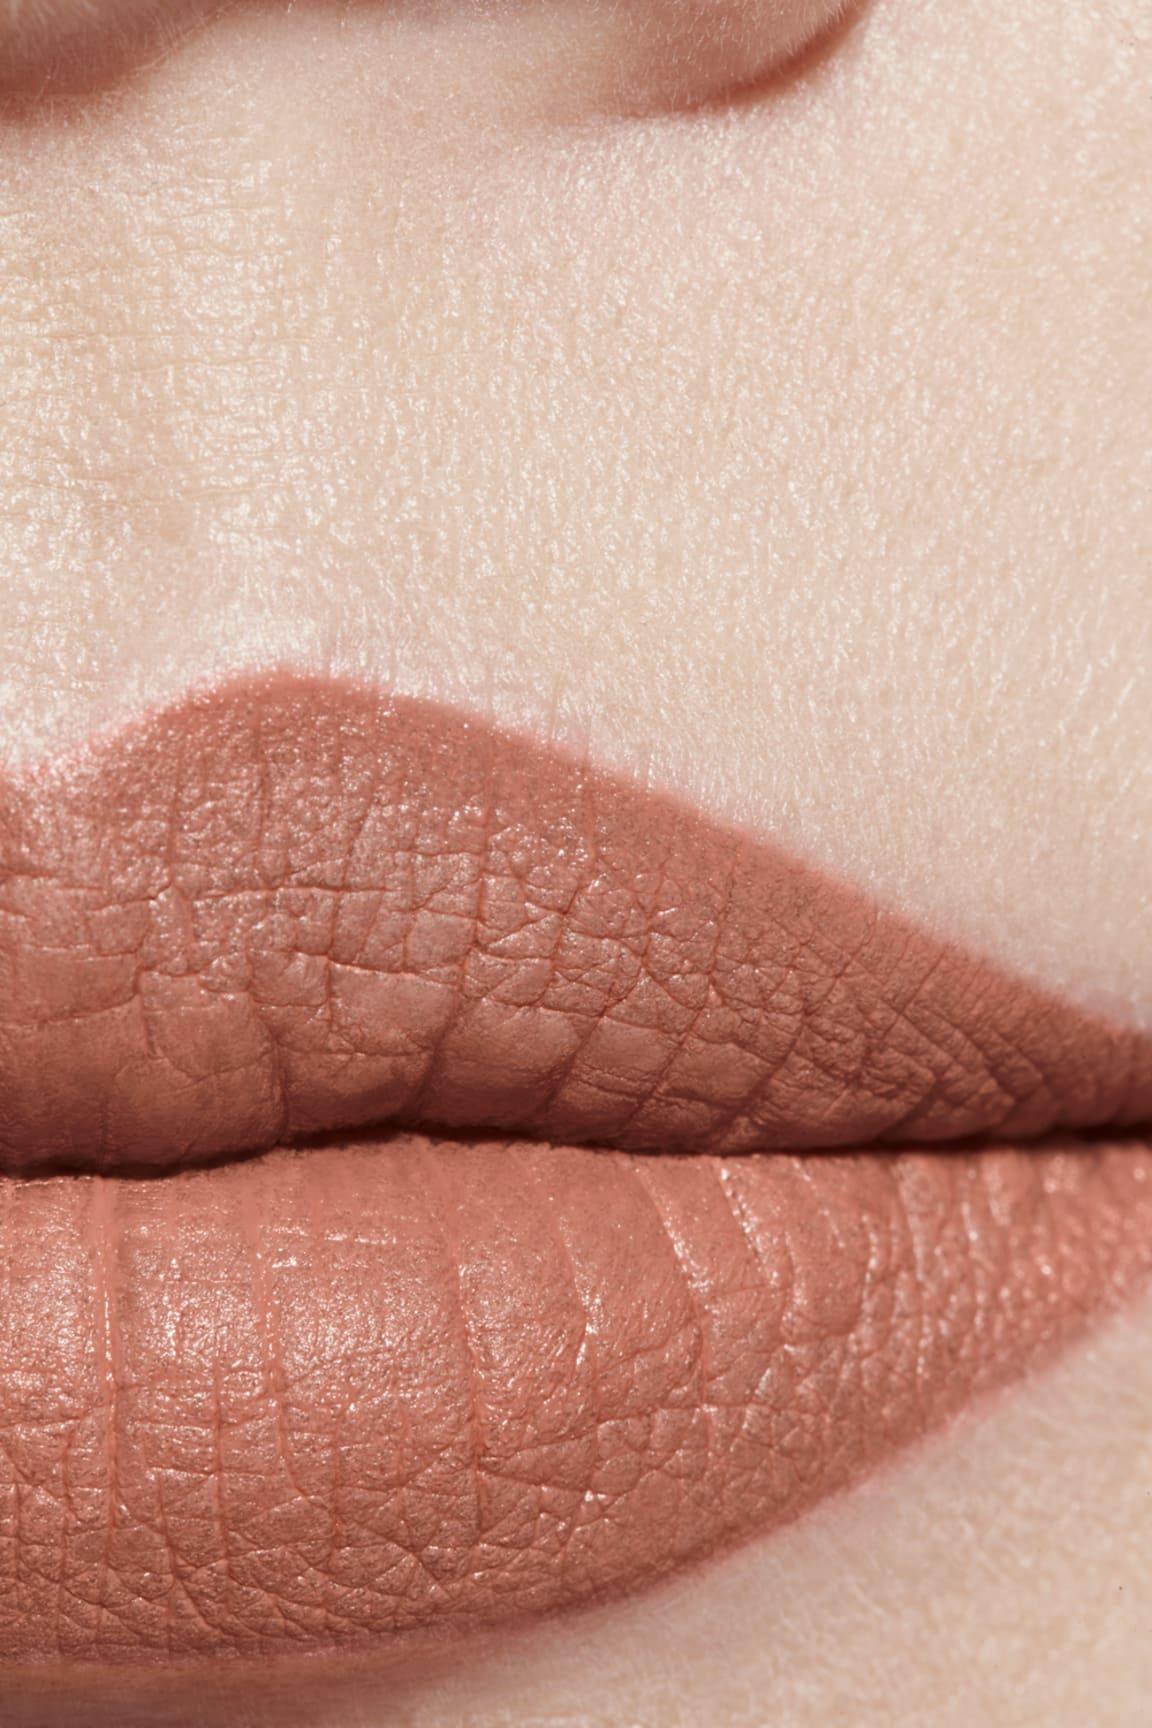 Application makeup visual 1 - ROUGE ALLURE VELVET LE LION DE CHANEL 227 - BEIGE RUGISSANT